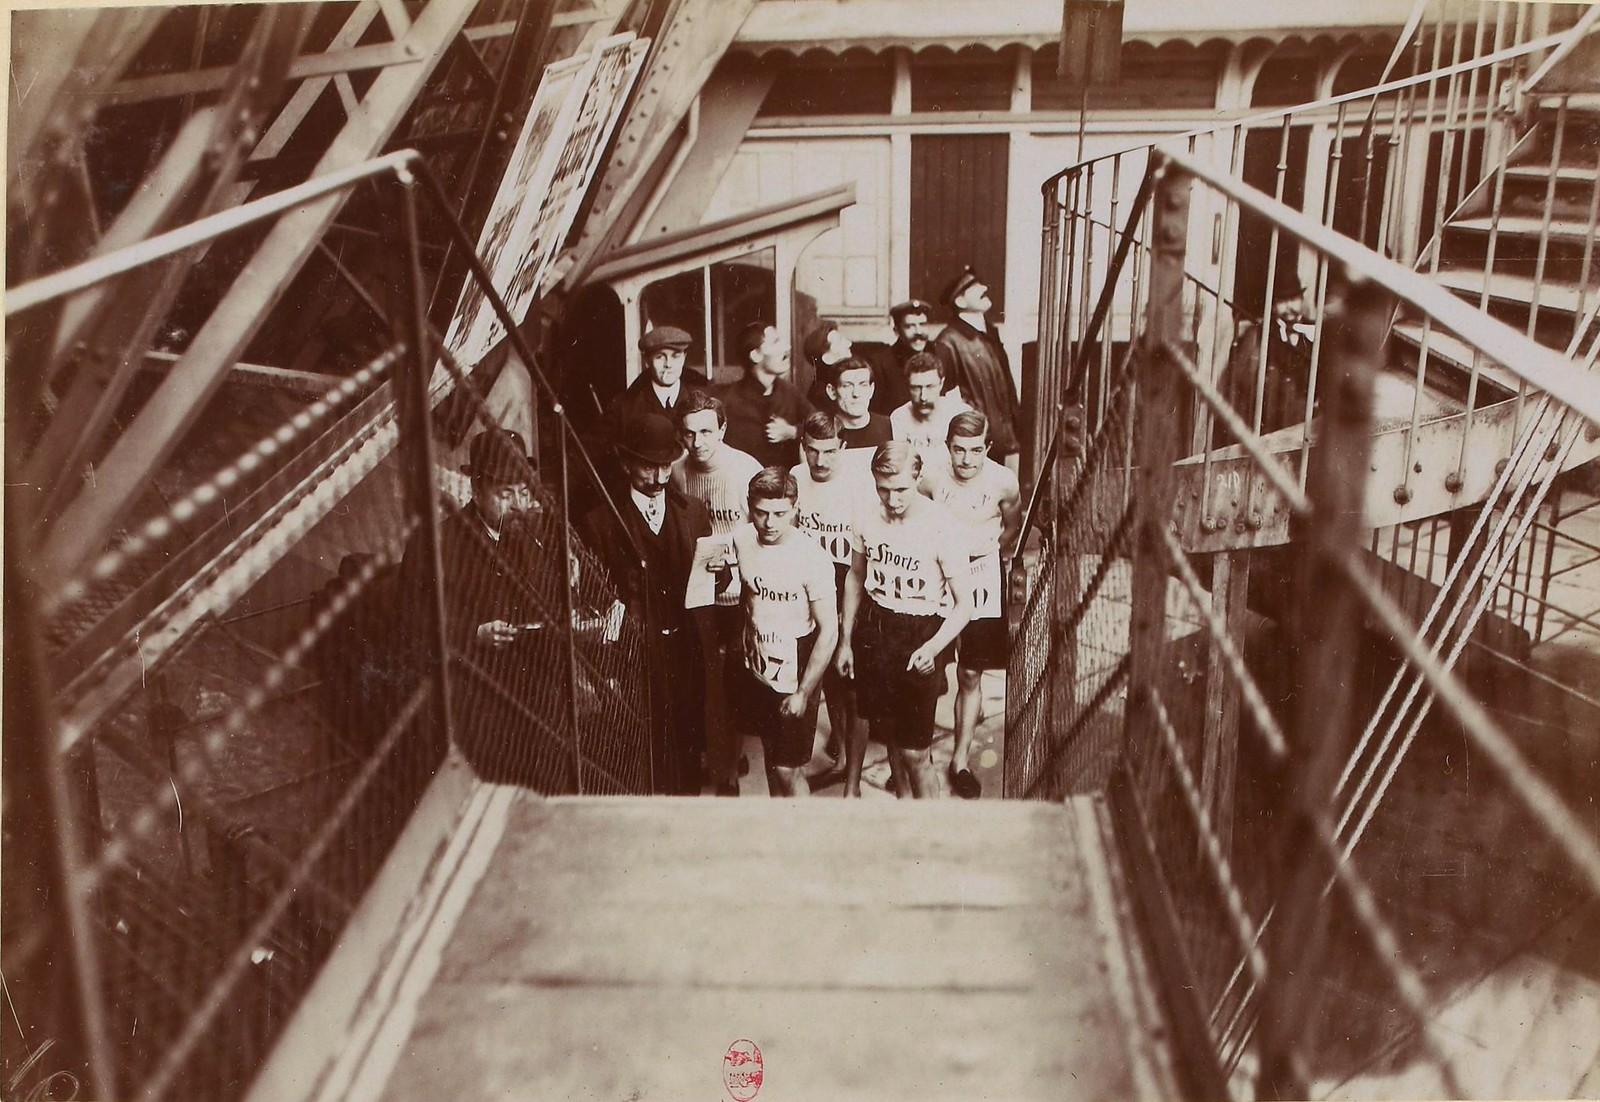 1906. Конкурс газетчиков в Париже. Чемпионат по бегу по лестницам на Эйфелевой башне, 18 ноября